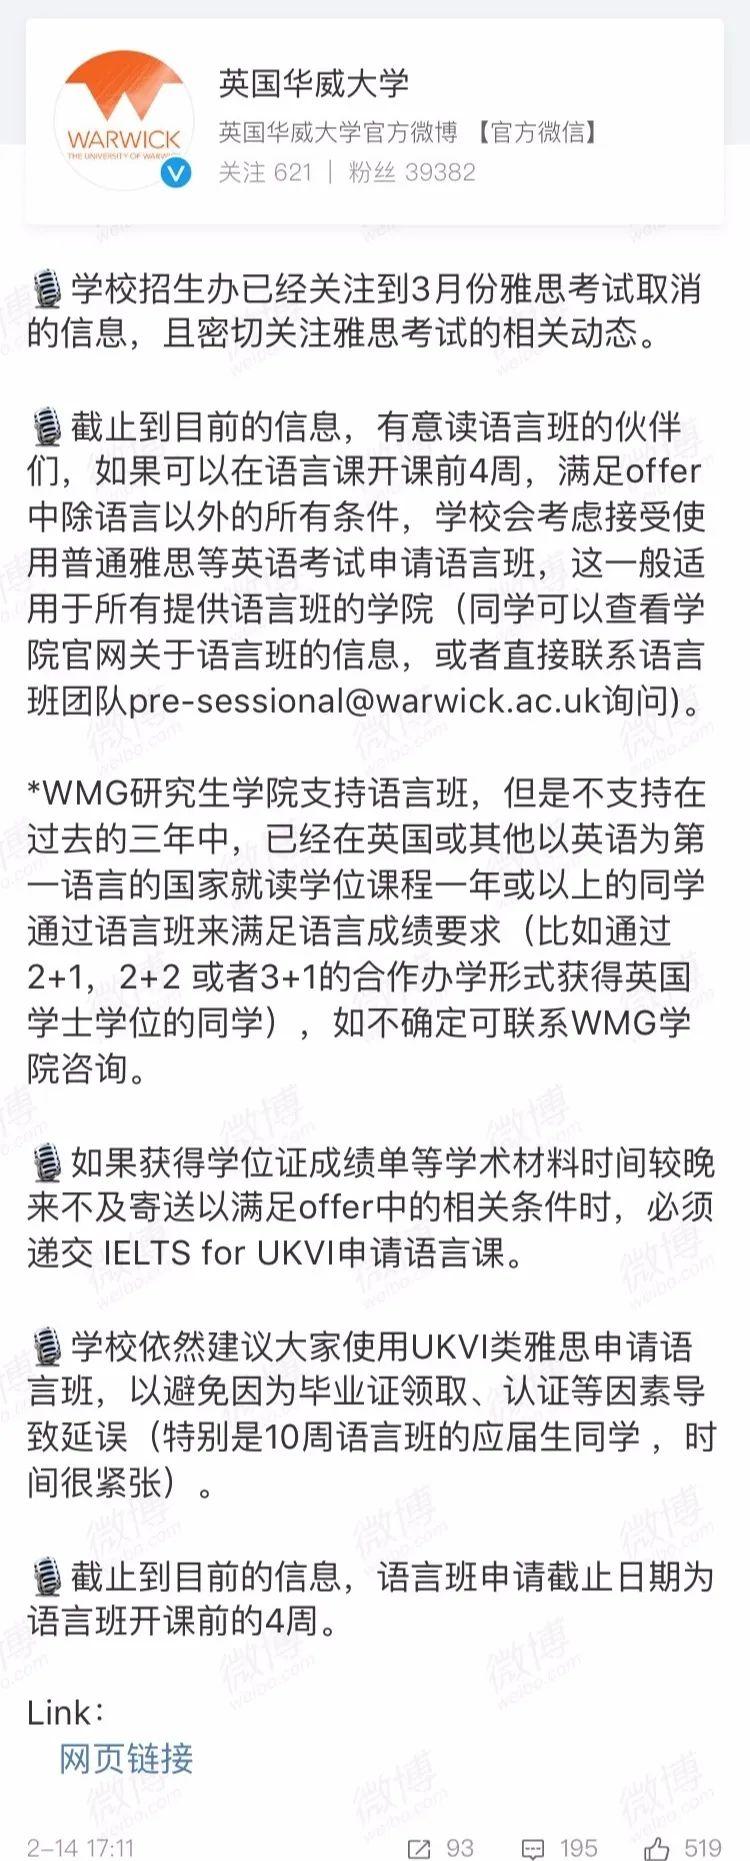 英国多所院校为中国学生降低要求,将疫情影响降到最低!